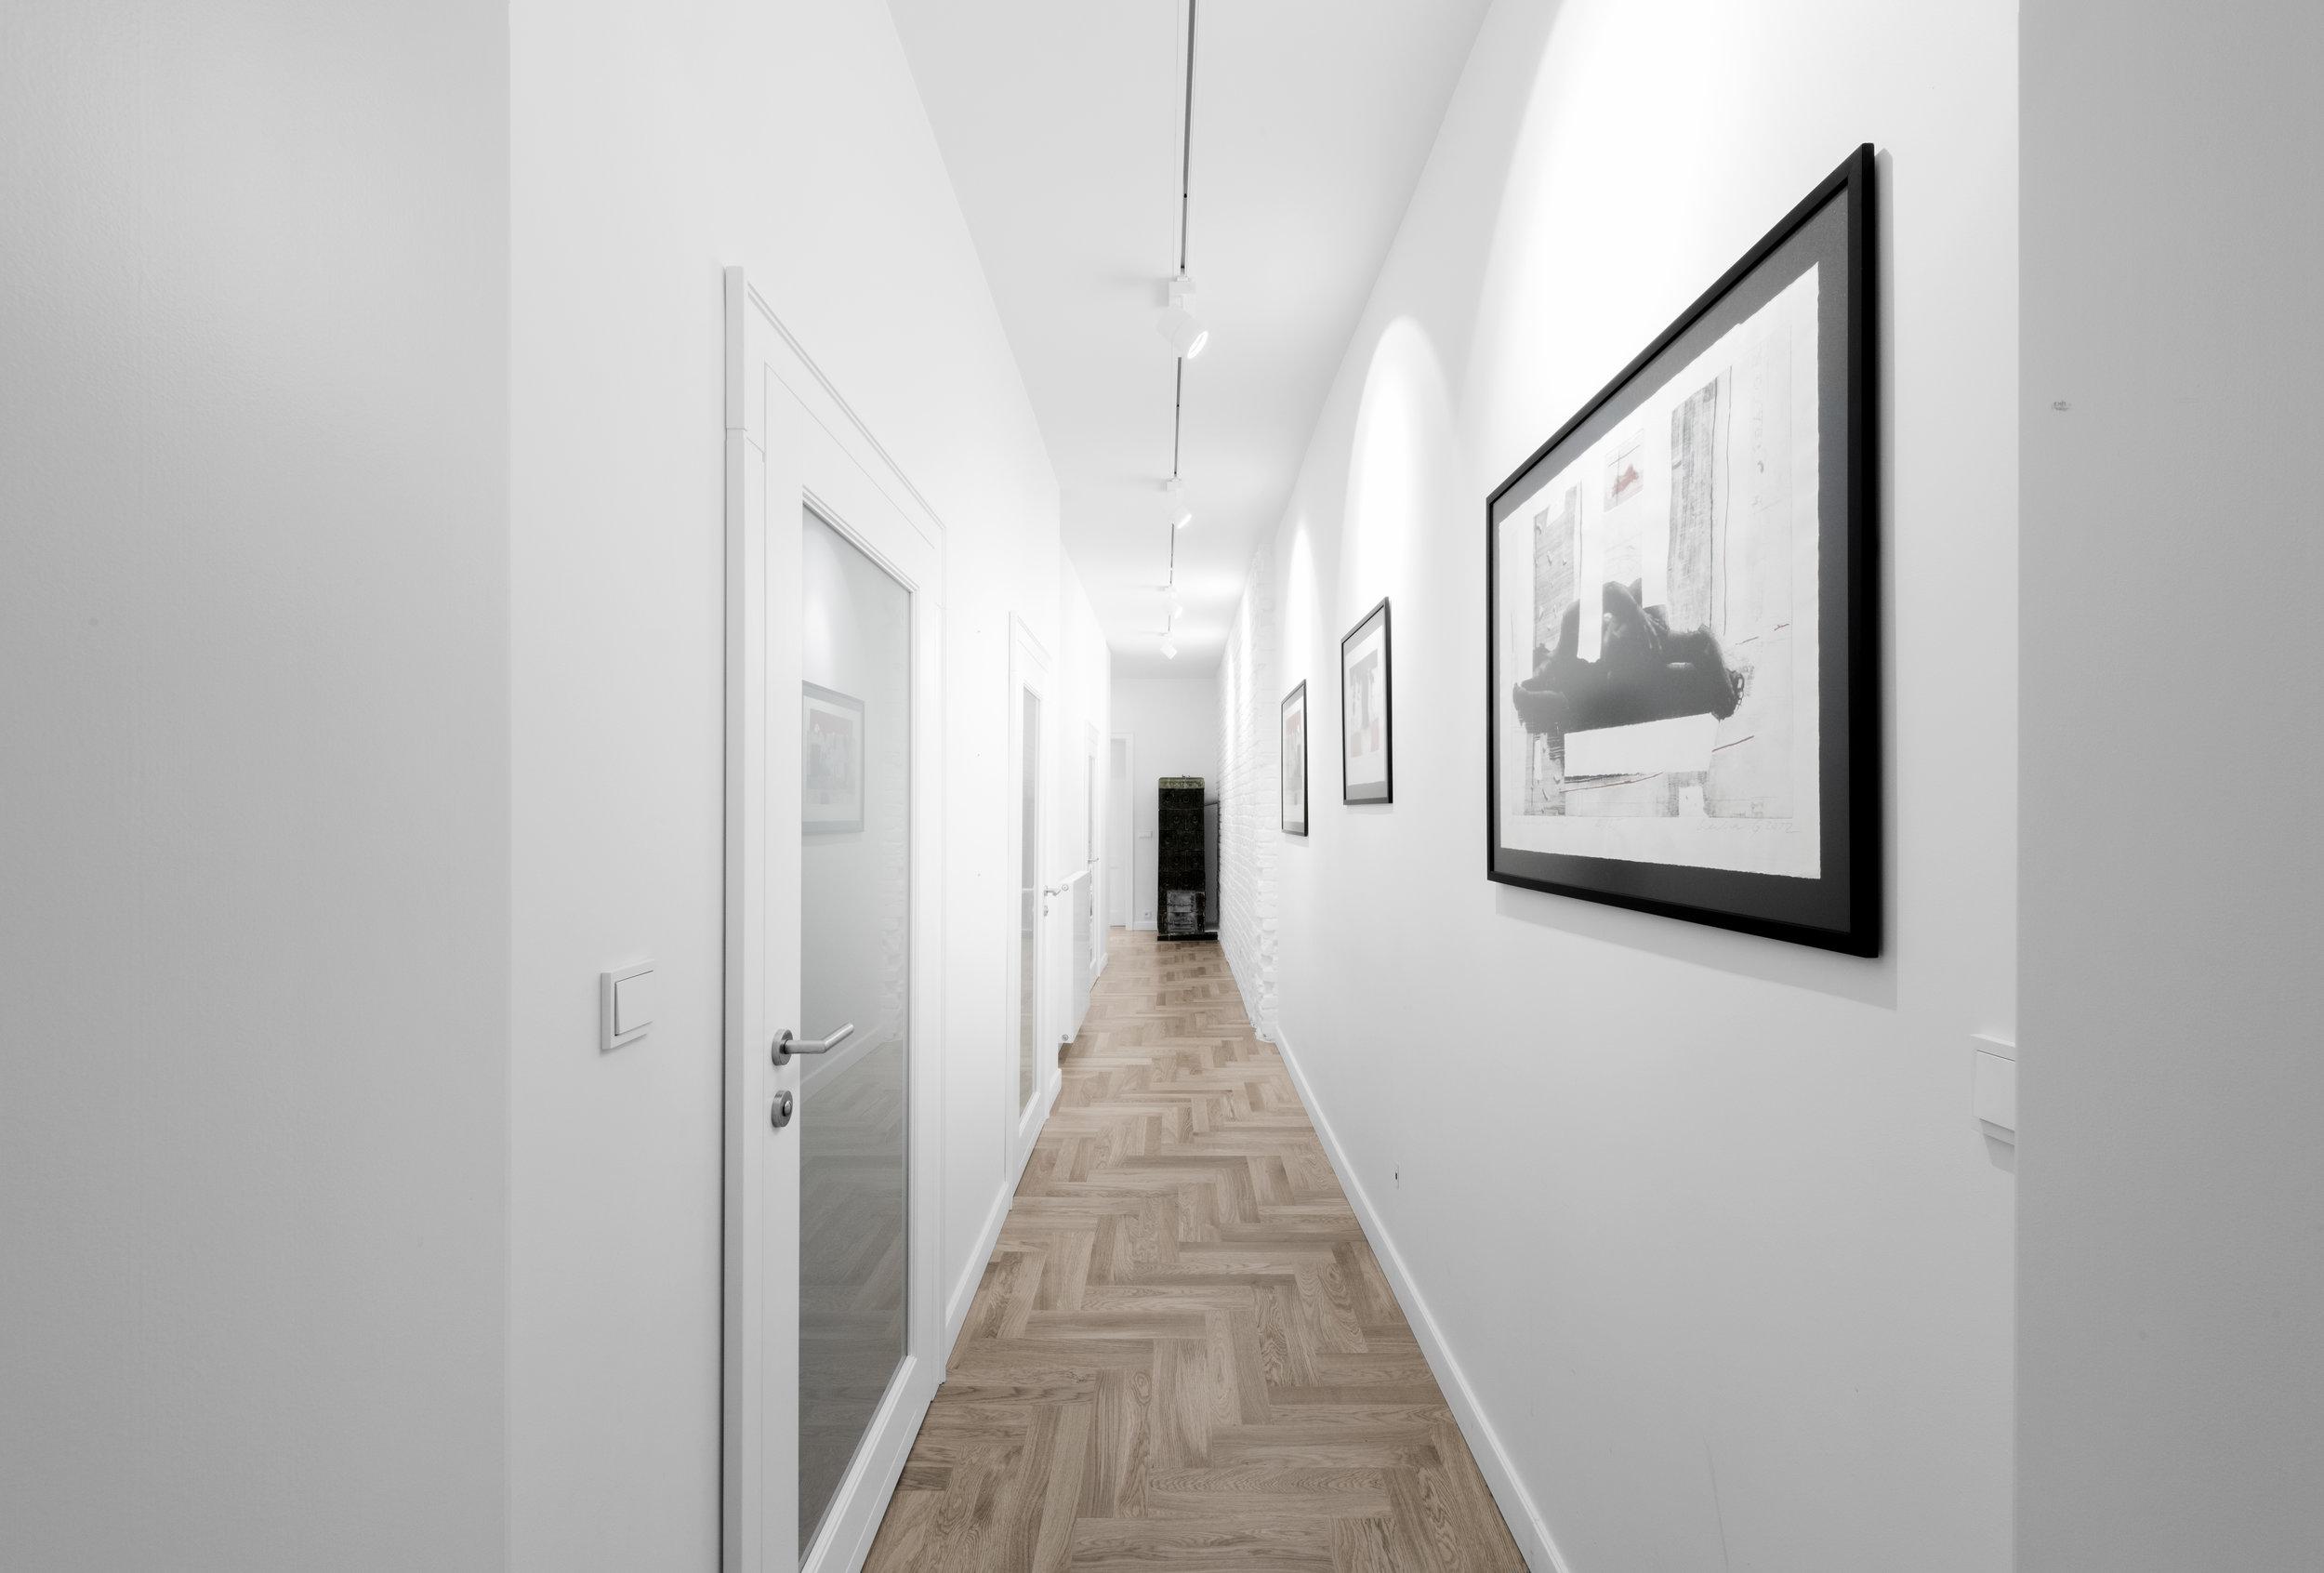 projekt-korytarz-stara bielona cegła-galeria sztuki-reflektory Zumtobel.jpg